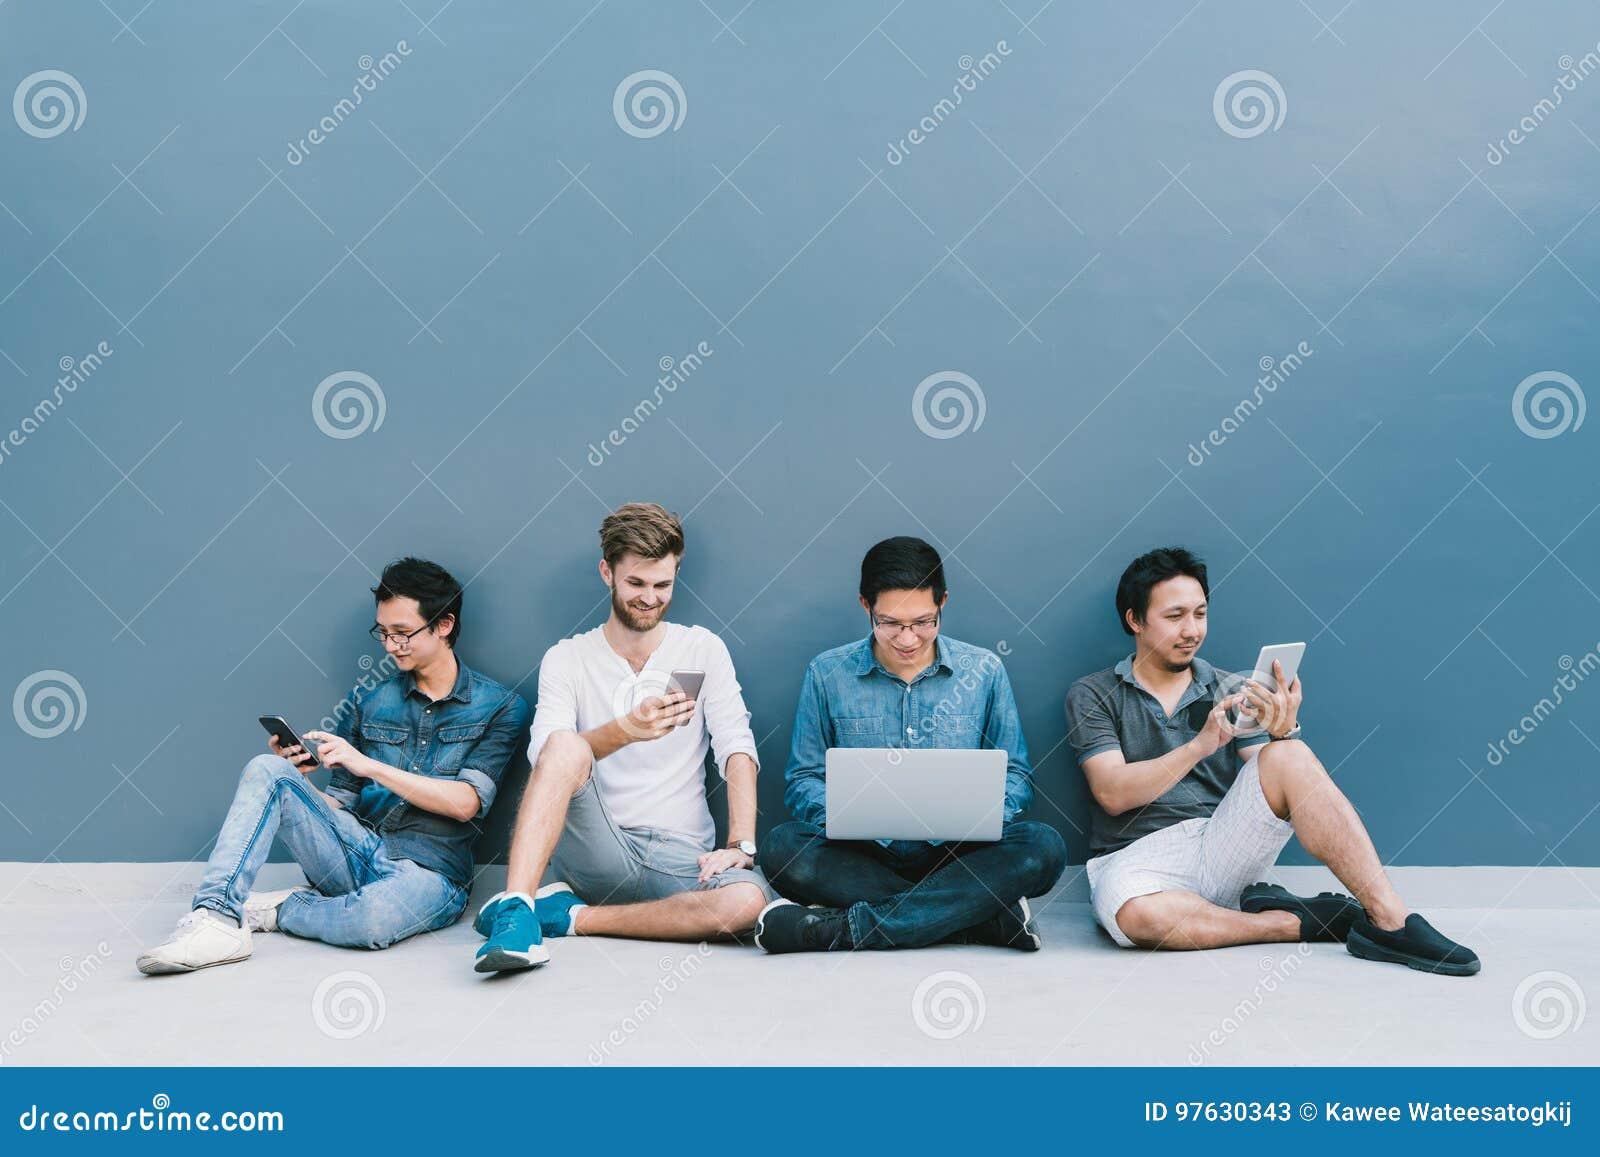 使用智能手机,便携式计算机,与拷贝空间一起的数字式片剂的不同种族的小组四个人在蓝色墙壁上